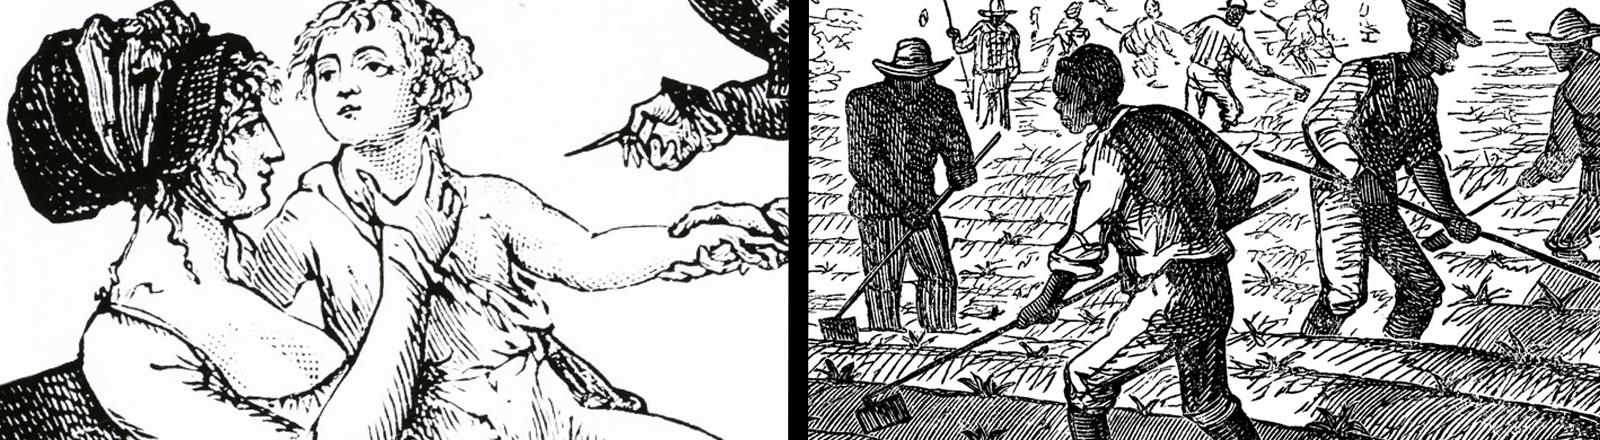 Collage von zwei Stichen, links Impfung an einem Kind, rechts: Sklaven arbeiten auf einem  Feld